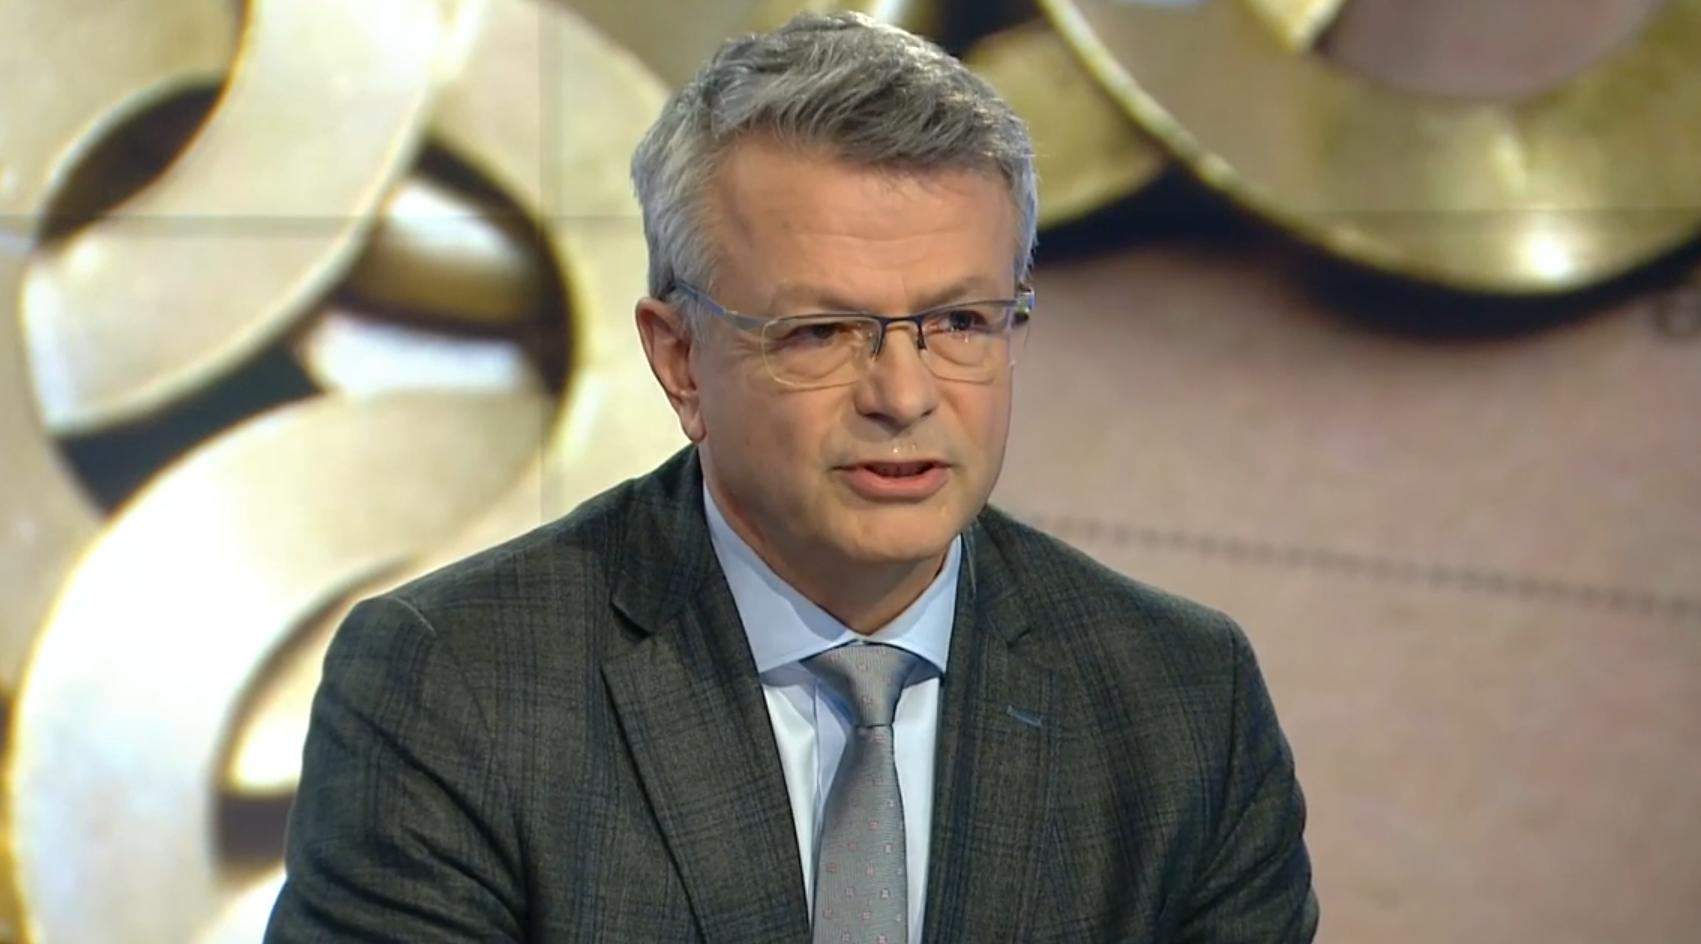 Sędzia SN: Polska nie zostałaby dzisiaj przyjęta do Unii Europejskiej